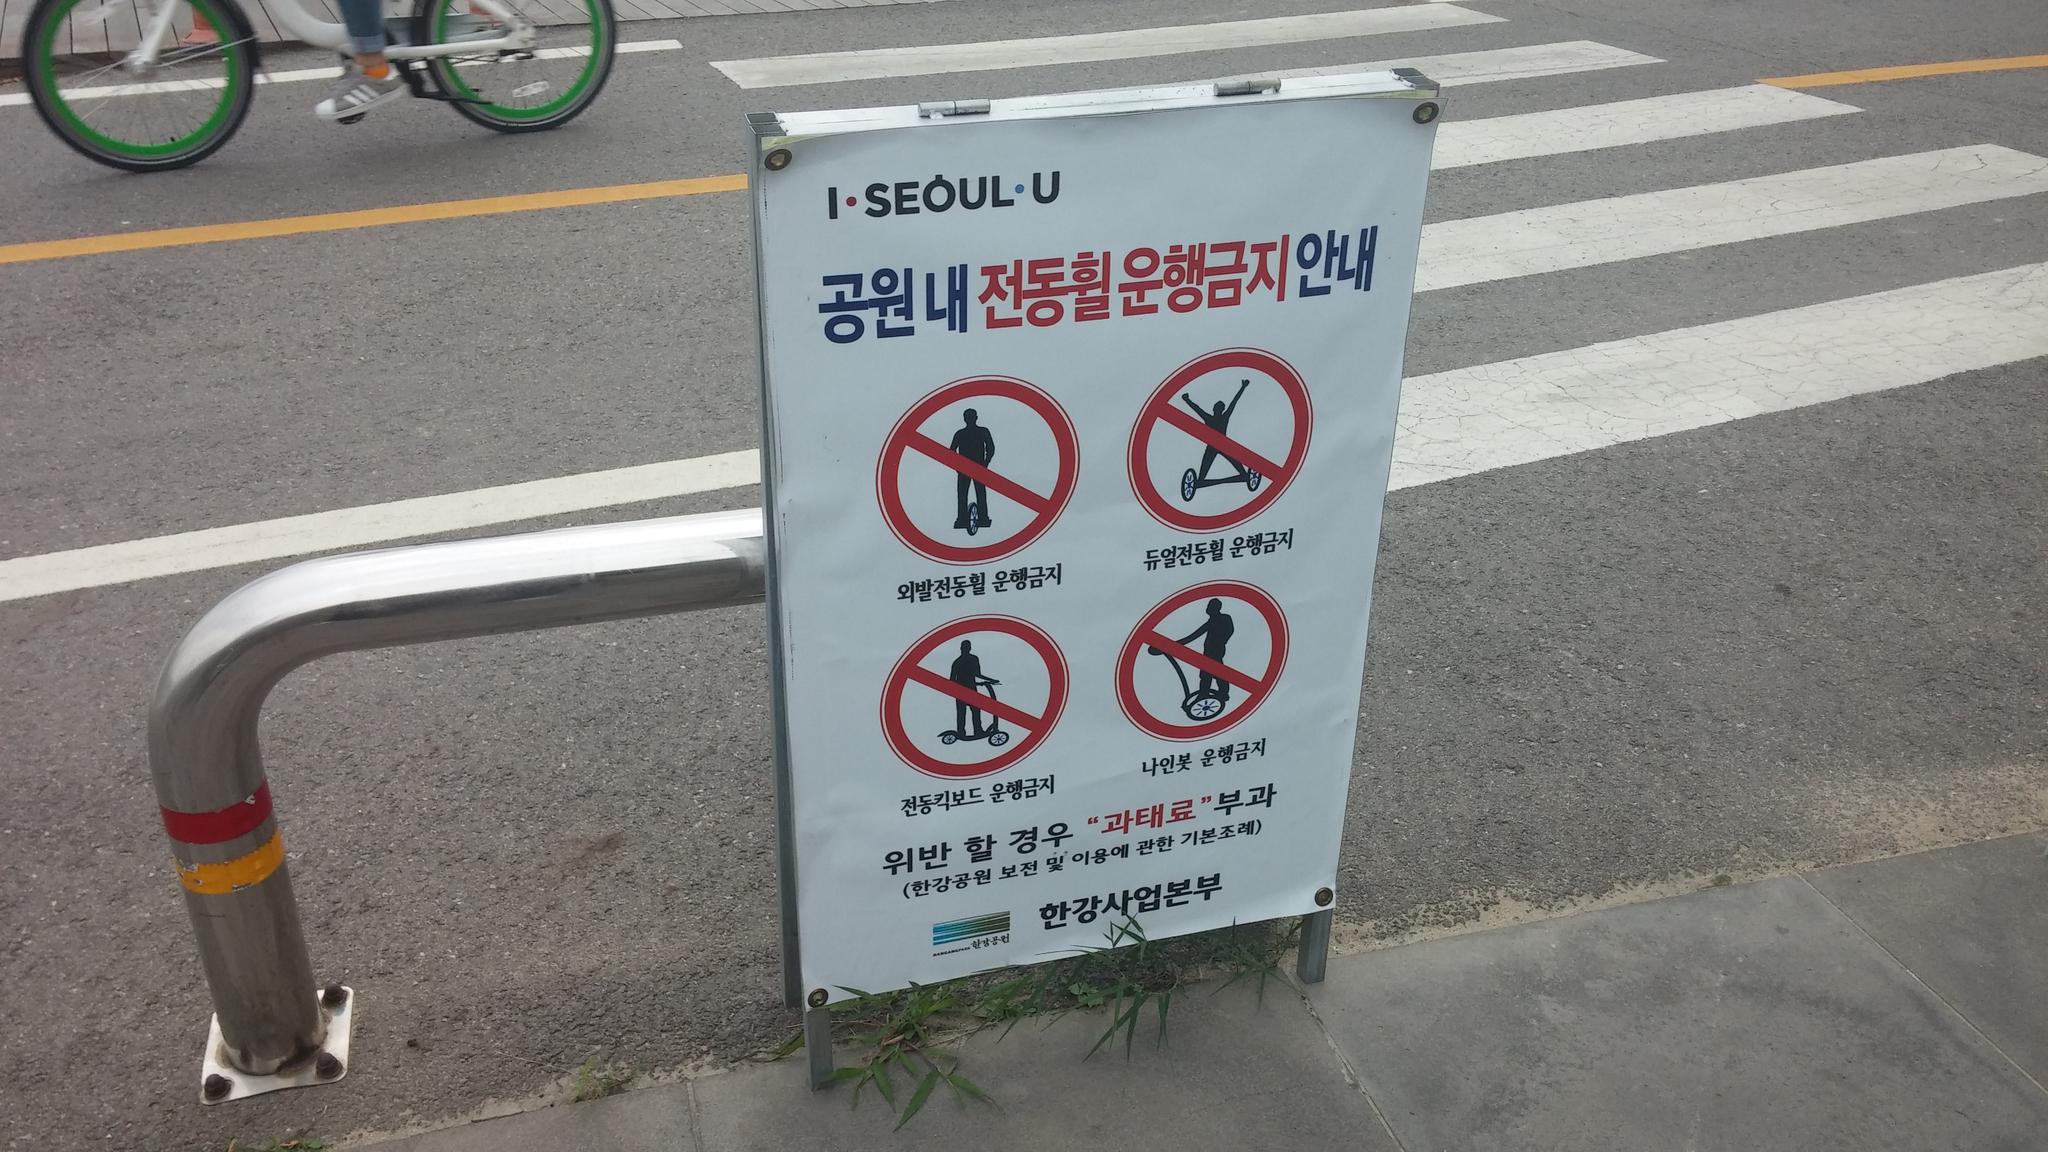 현재 대부분의 공원과 자전거 도로에서는 전동킥보드 운행이 금지돼 있다. [중앙포토]